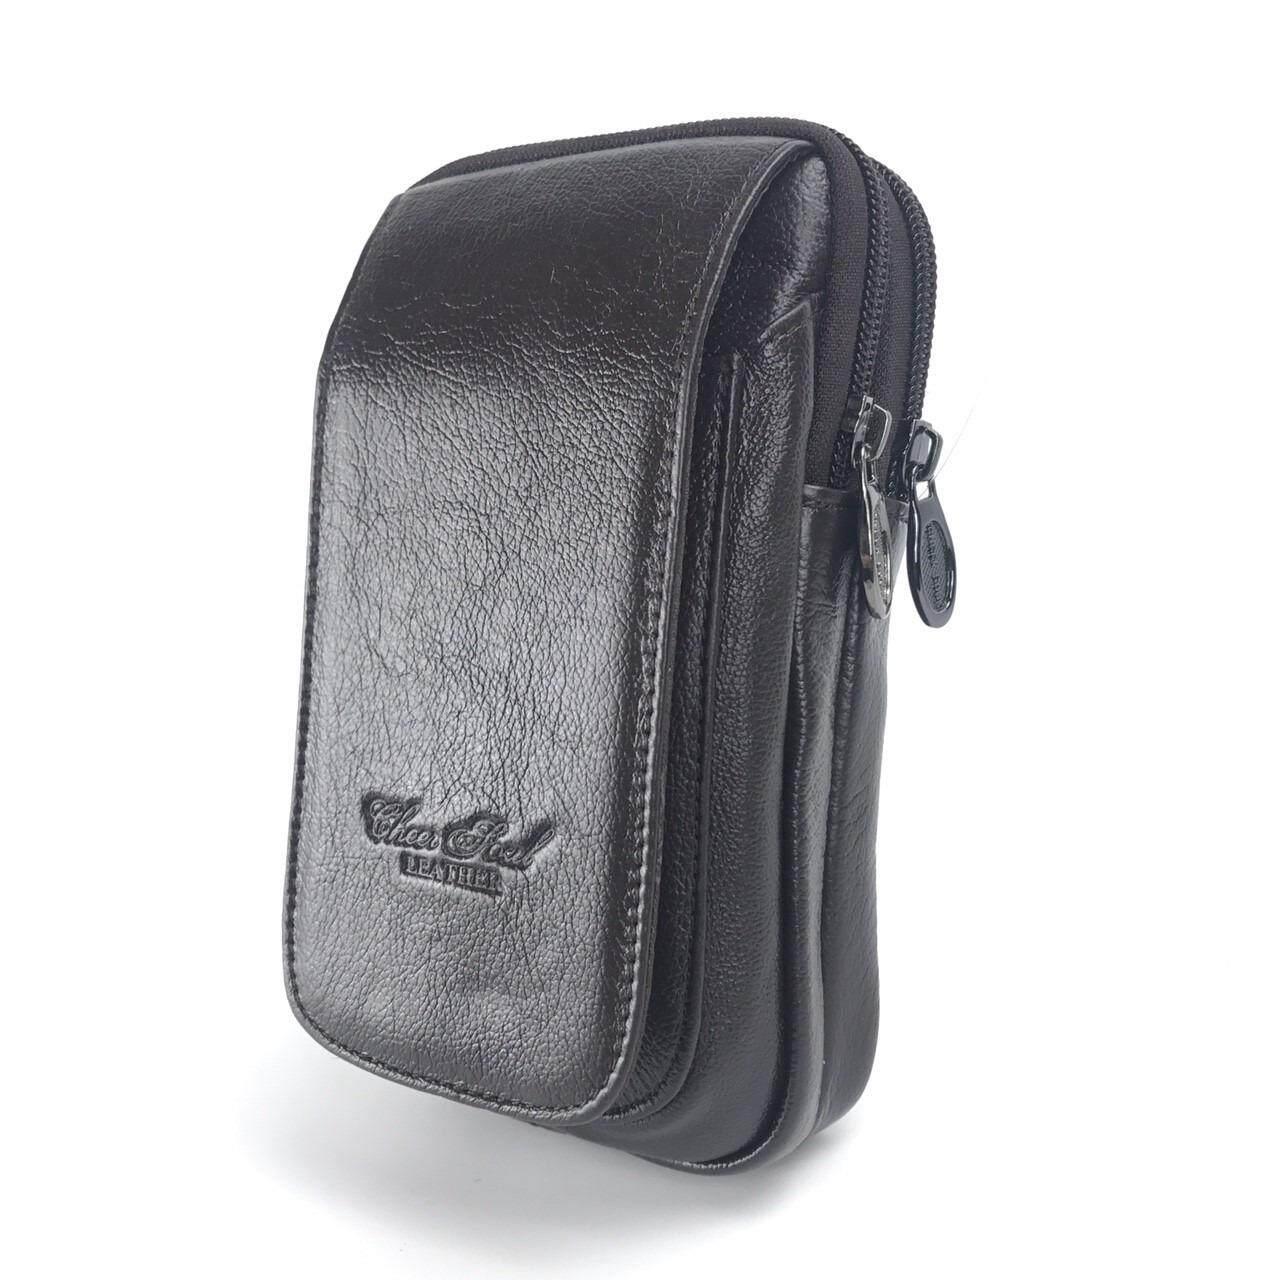 โปรโมชั่น Chinatown Leatherกระเป๋าหนังแท้ใส่มือถือร้อยเข็มขัดรุ่นมือถือหนังแท้3เครื่องฝายาวตั้งIphone6 สีน้ำตาล Chinatown Leather